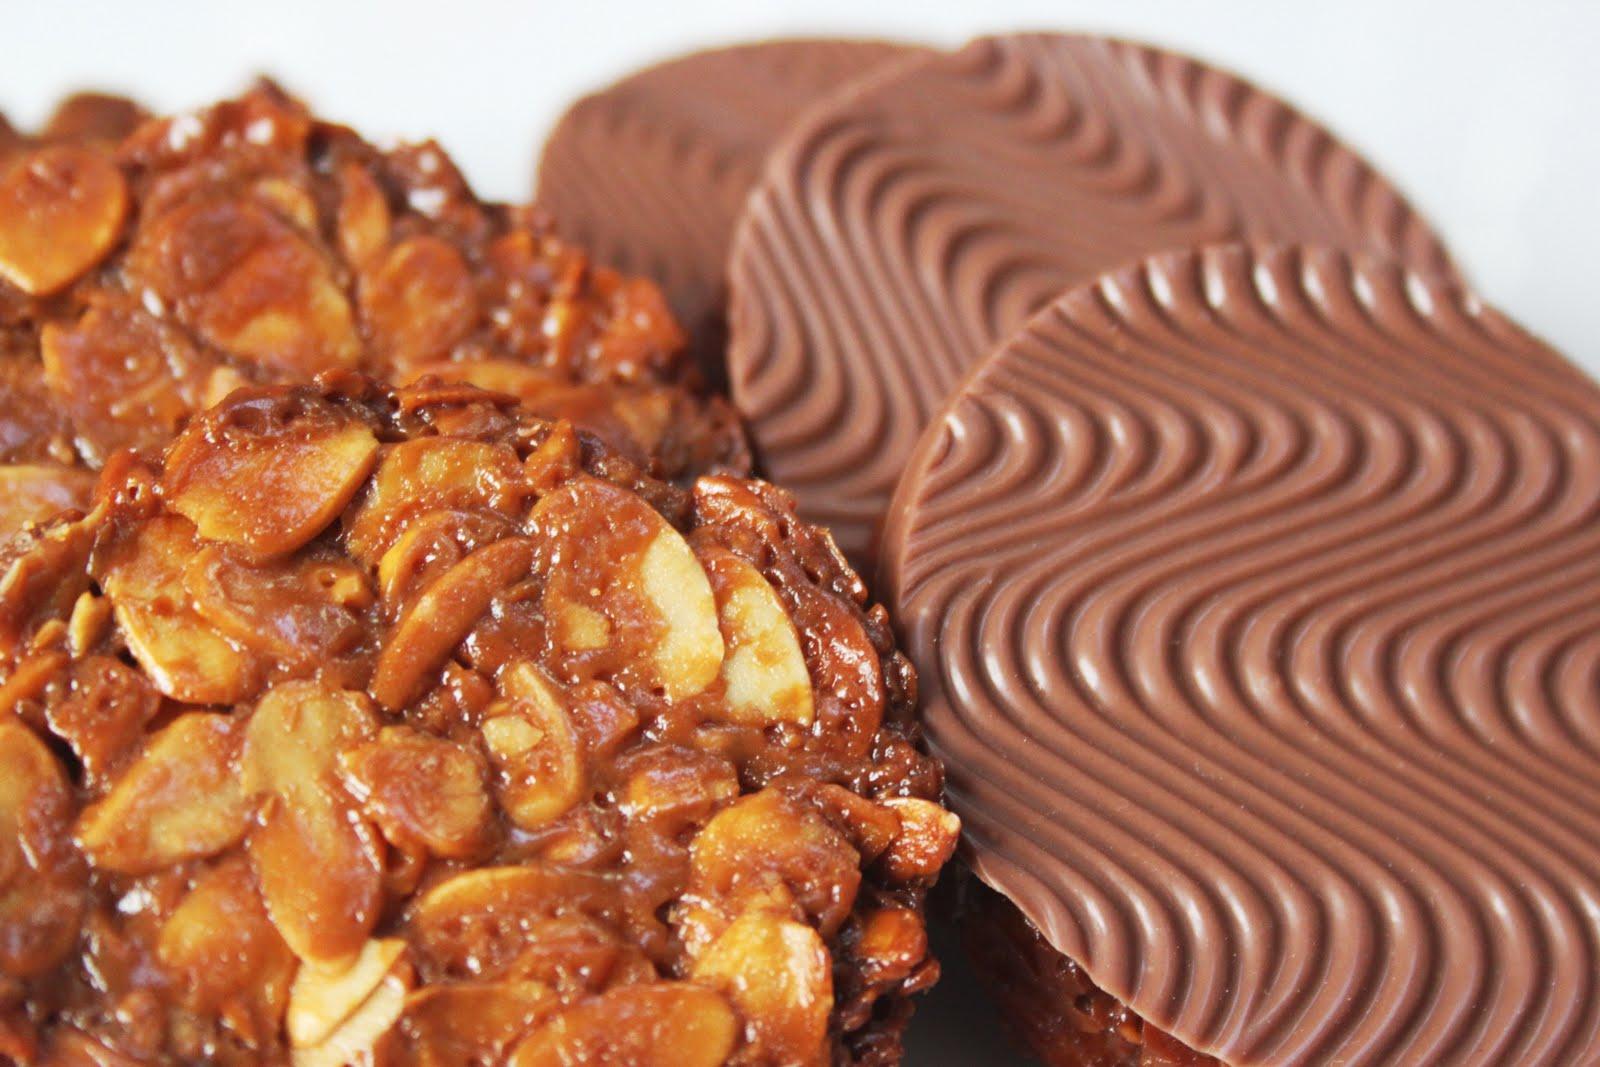 Recette gateau chocolat amandes noisettes